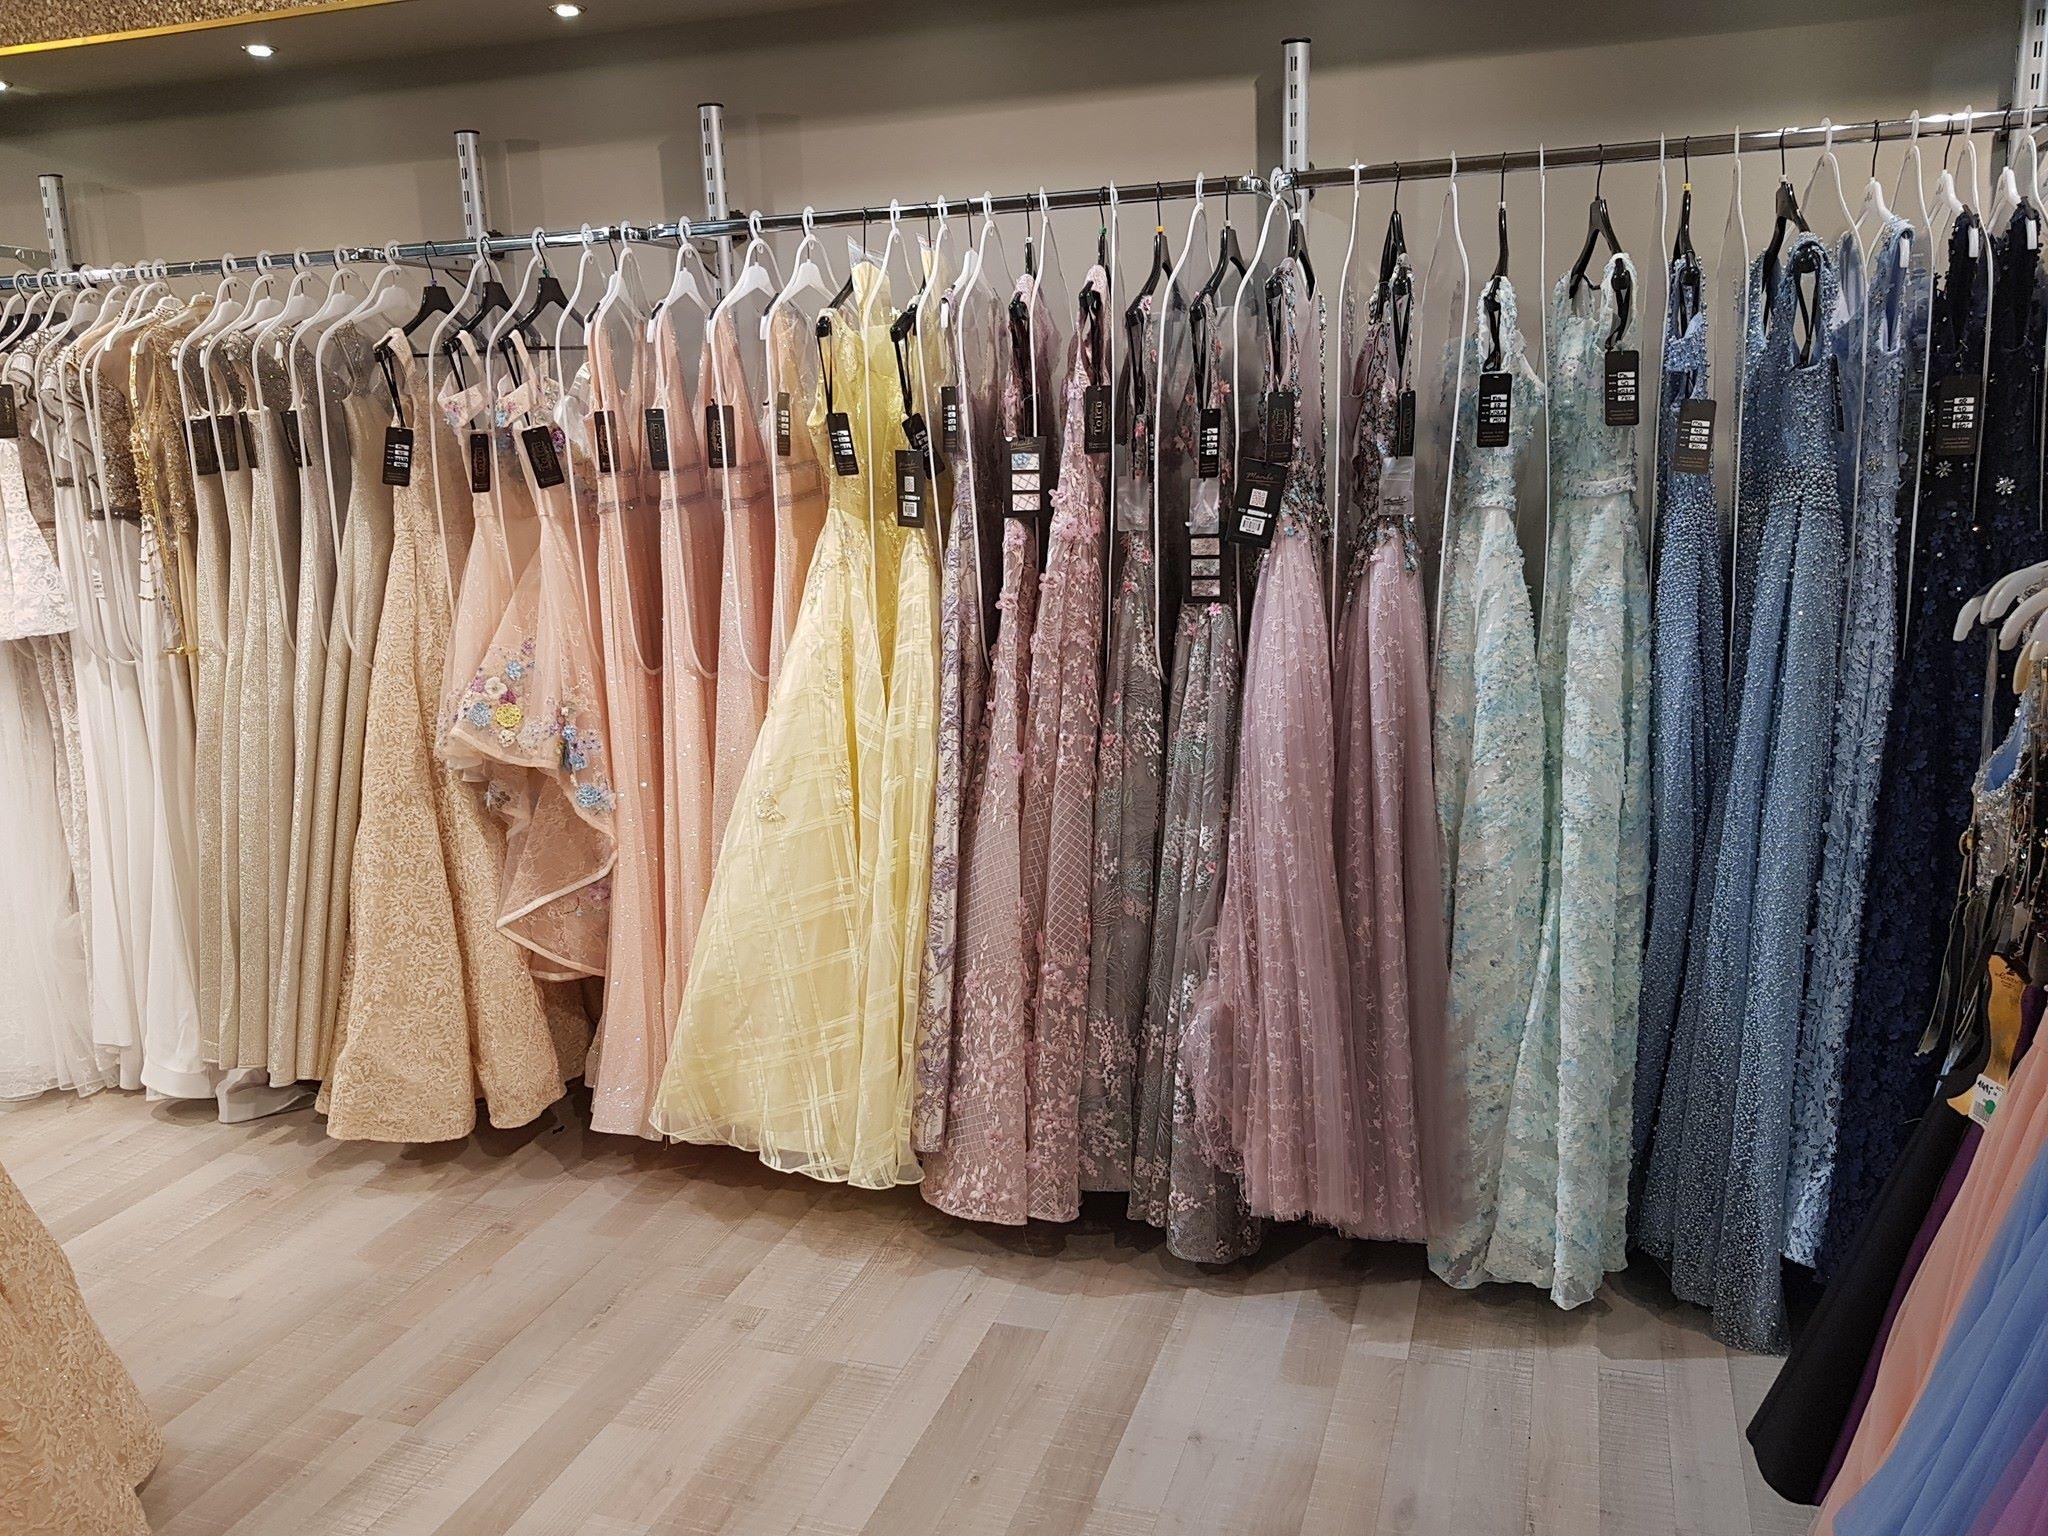 20 Einzigartig Abendkleider Mannheim für 2019 Erstaunlich Abendkleider Mannheim für 2019